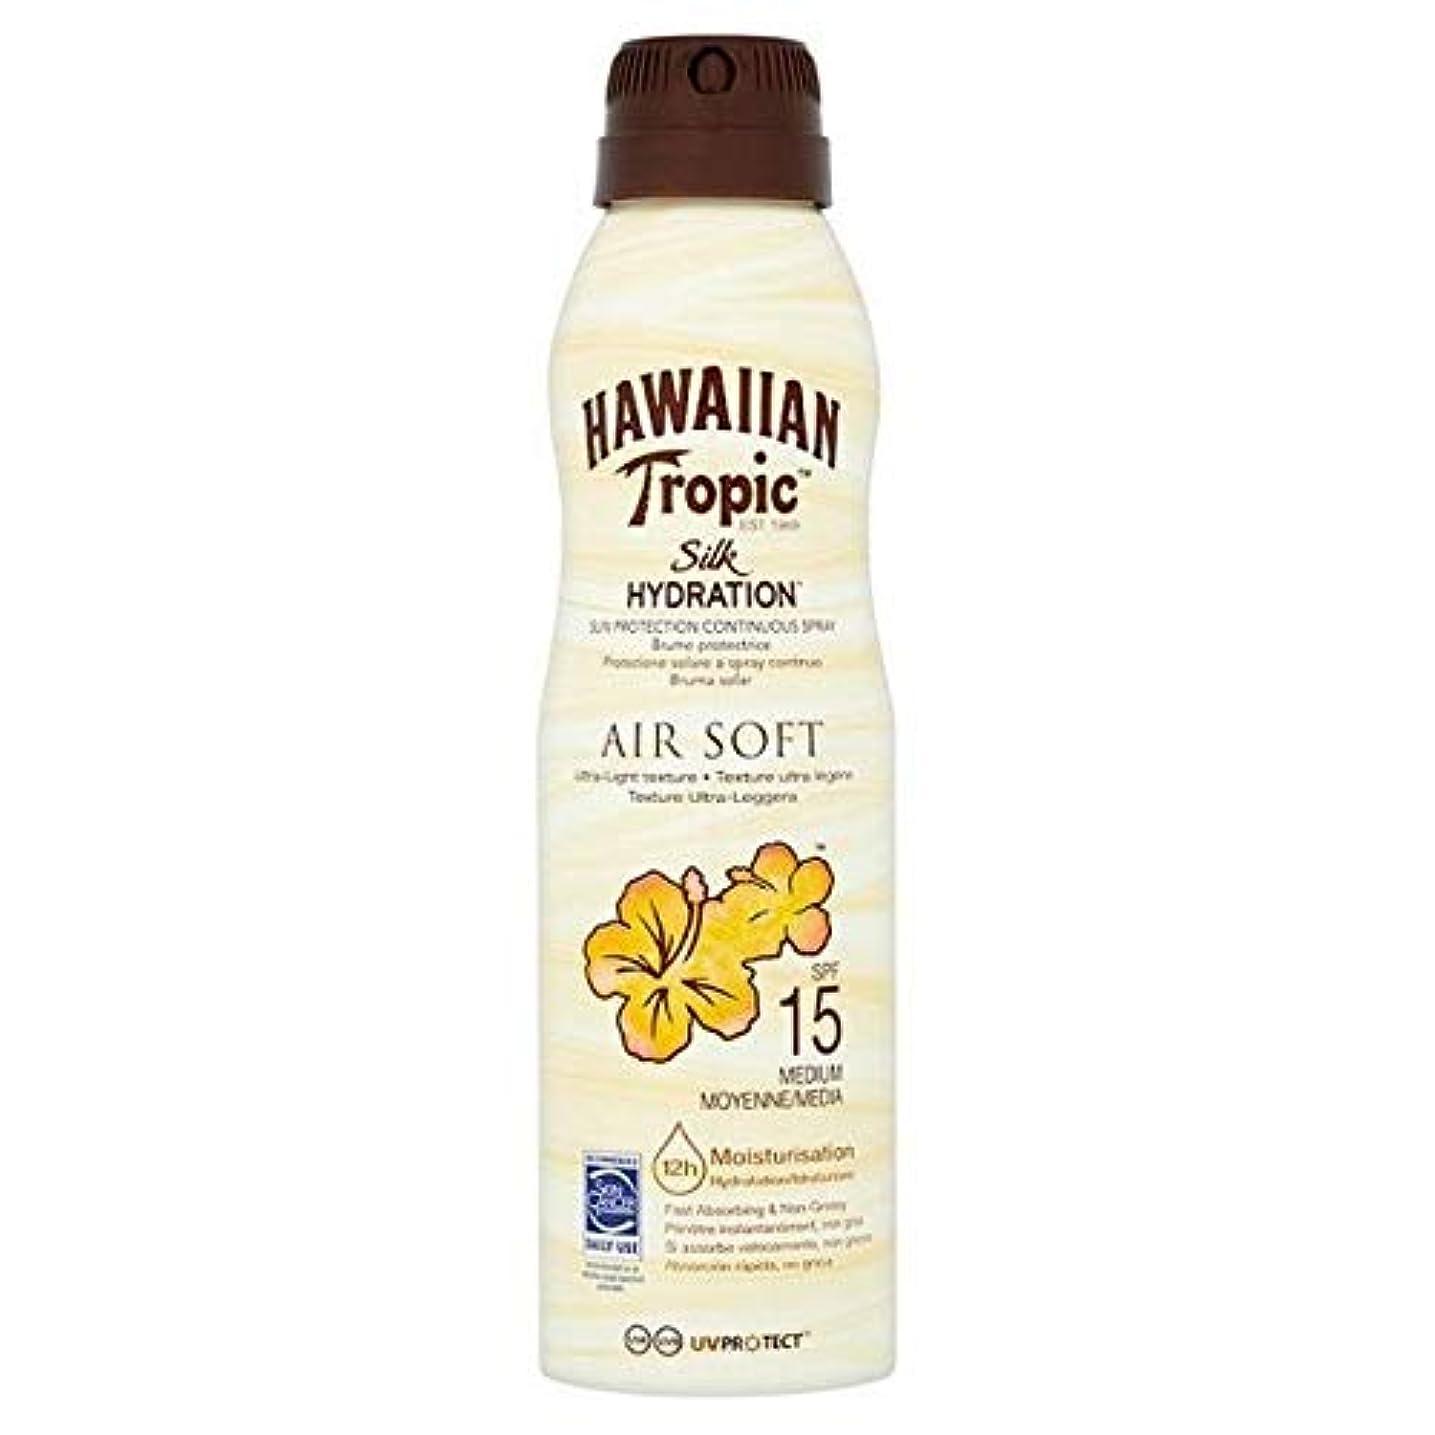 幻想的とんでもない充実[Hawaiian Tropic ] H /向性絹水和エアガン連続スプレーSpf15の177ミリリットル - H/Tropic Silk Hydration Airsoft Continuous Spray SPF15...